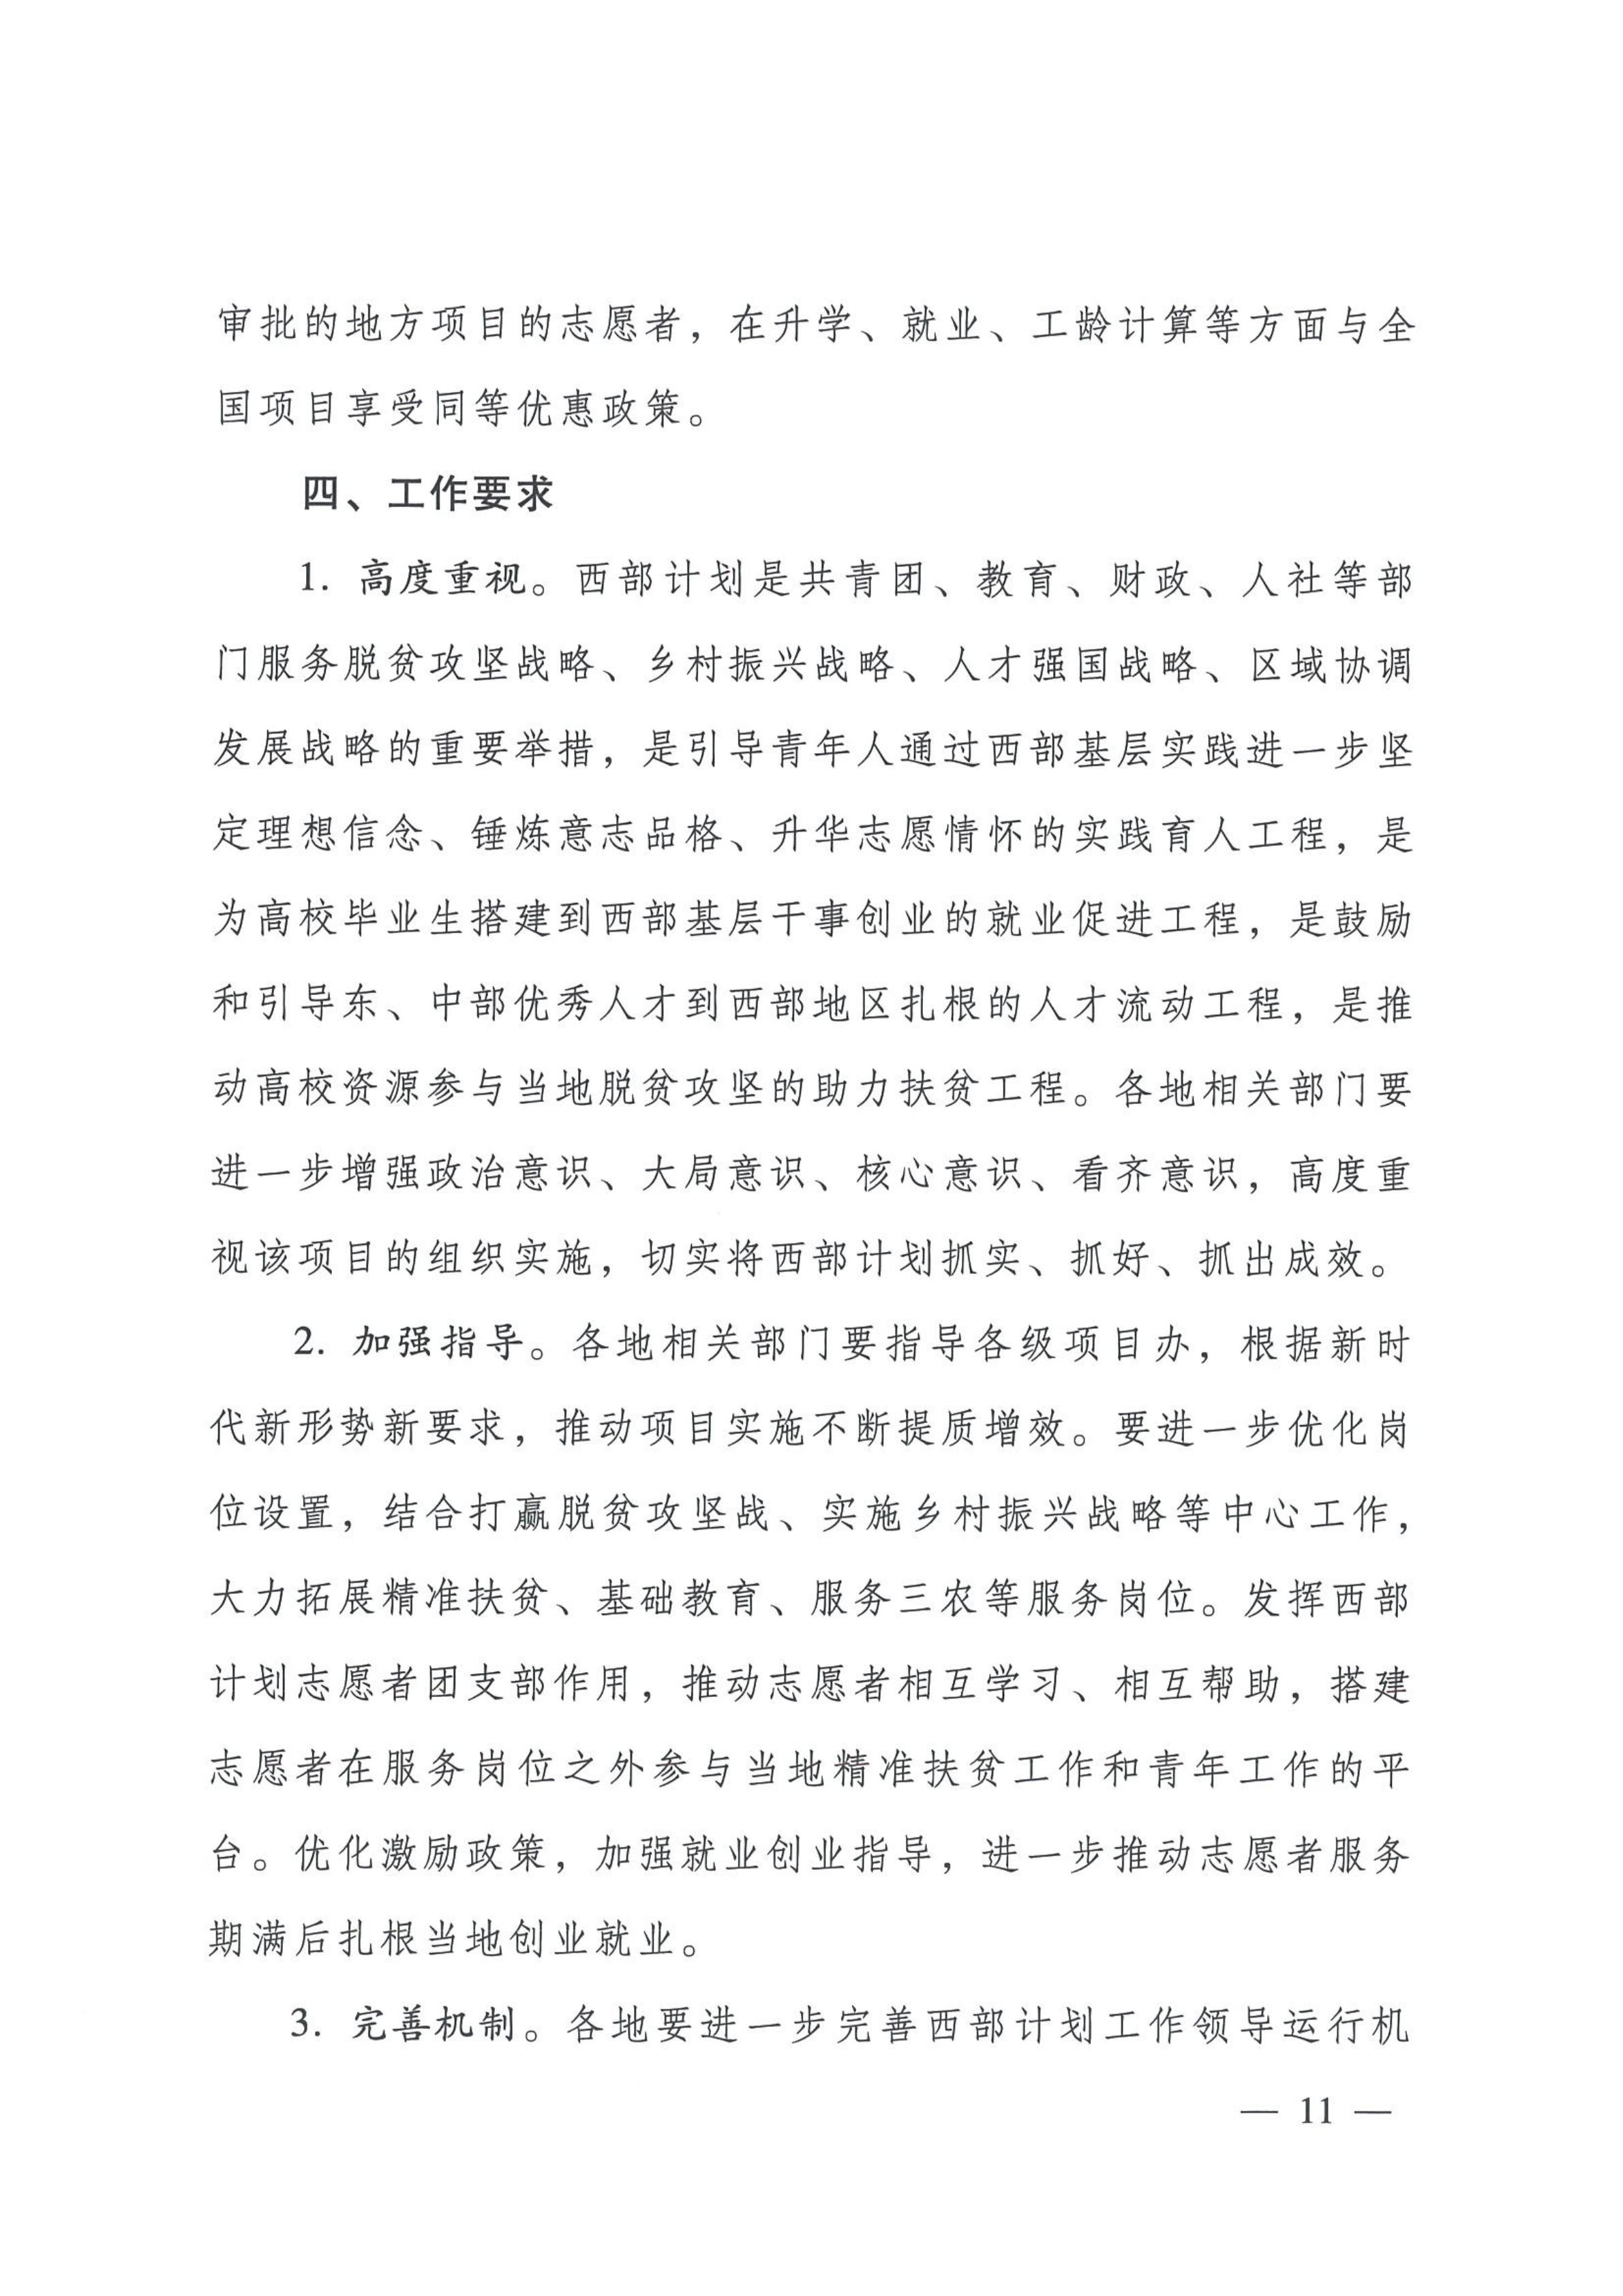 7-晋科院团[2019]7号-关于转发共青团中央《关于印发2019-2020年度大学生志愿服务西部计划实施方案》的通知》的通知_11.png